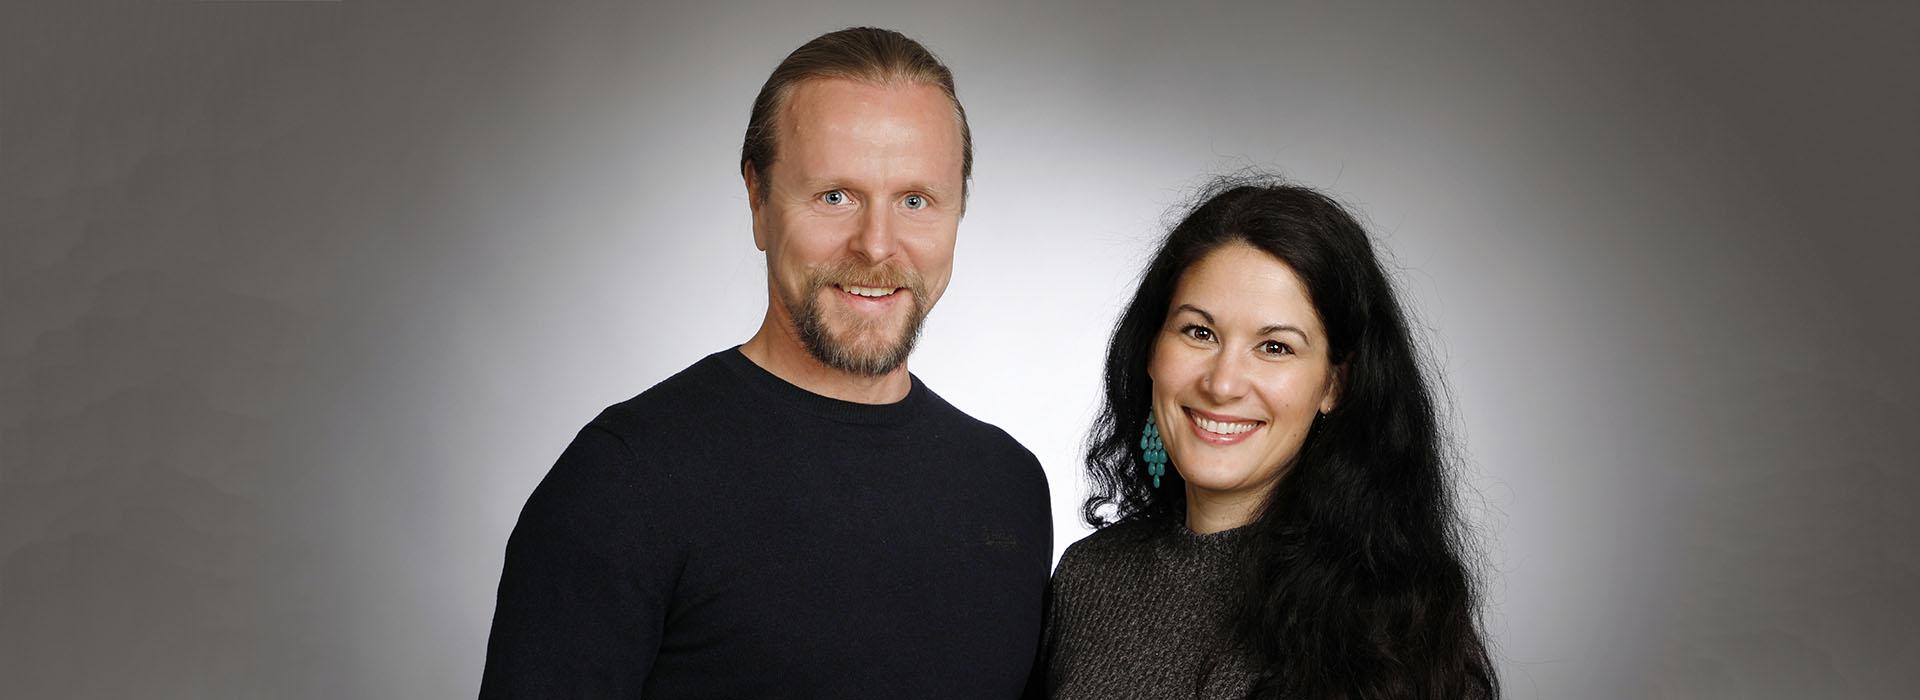 Terapeuttiset palvelut Tampereen seudulla - OmakaS Oy